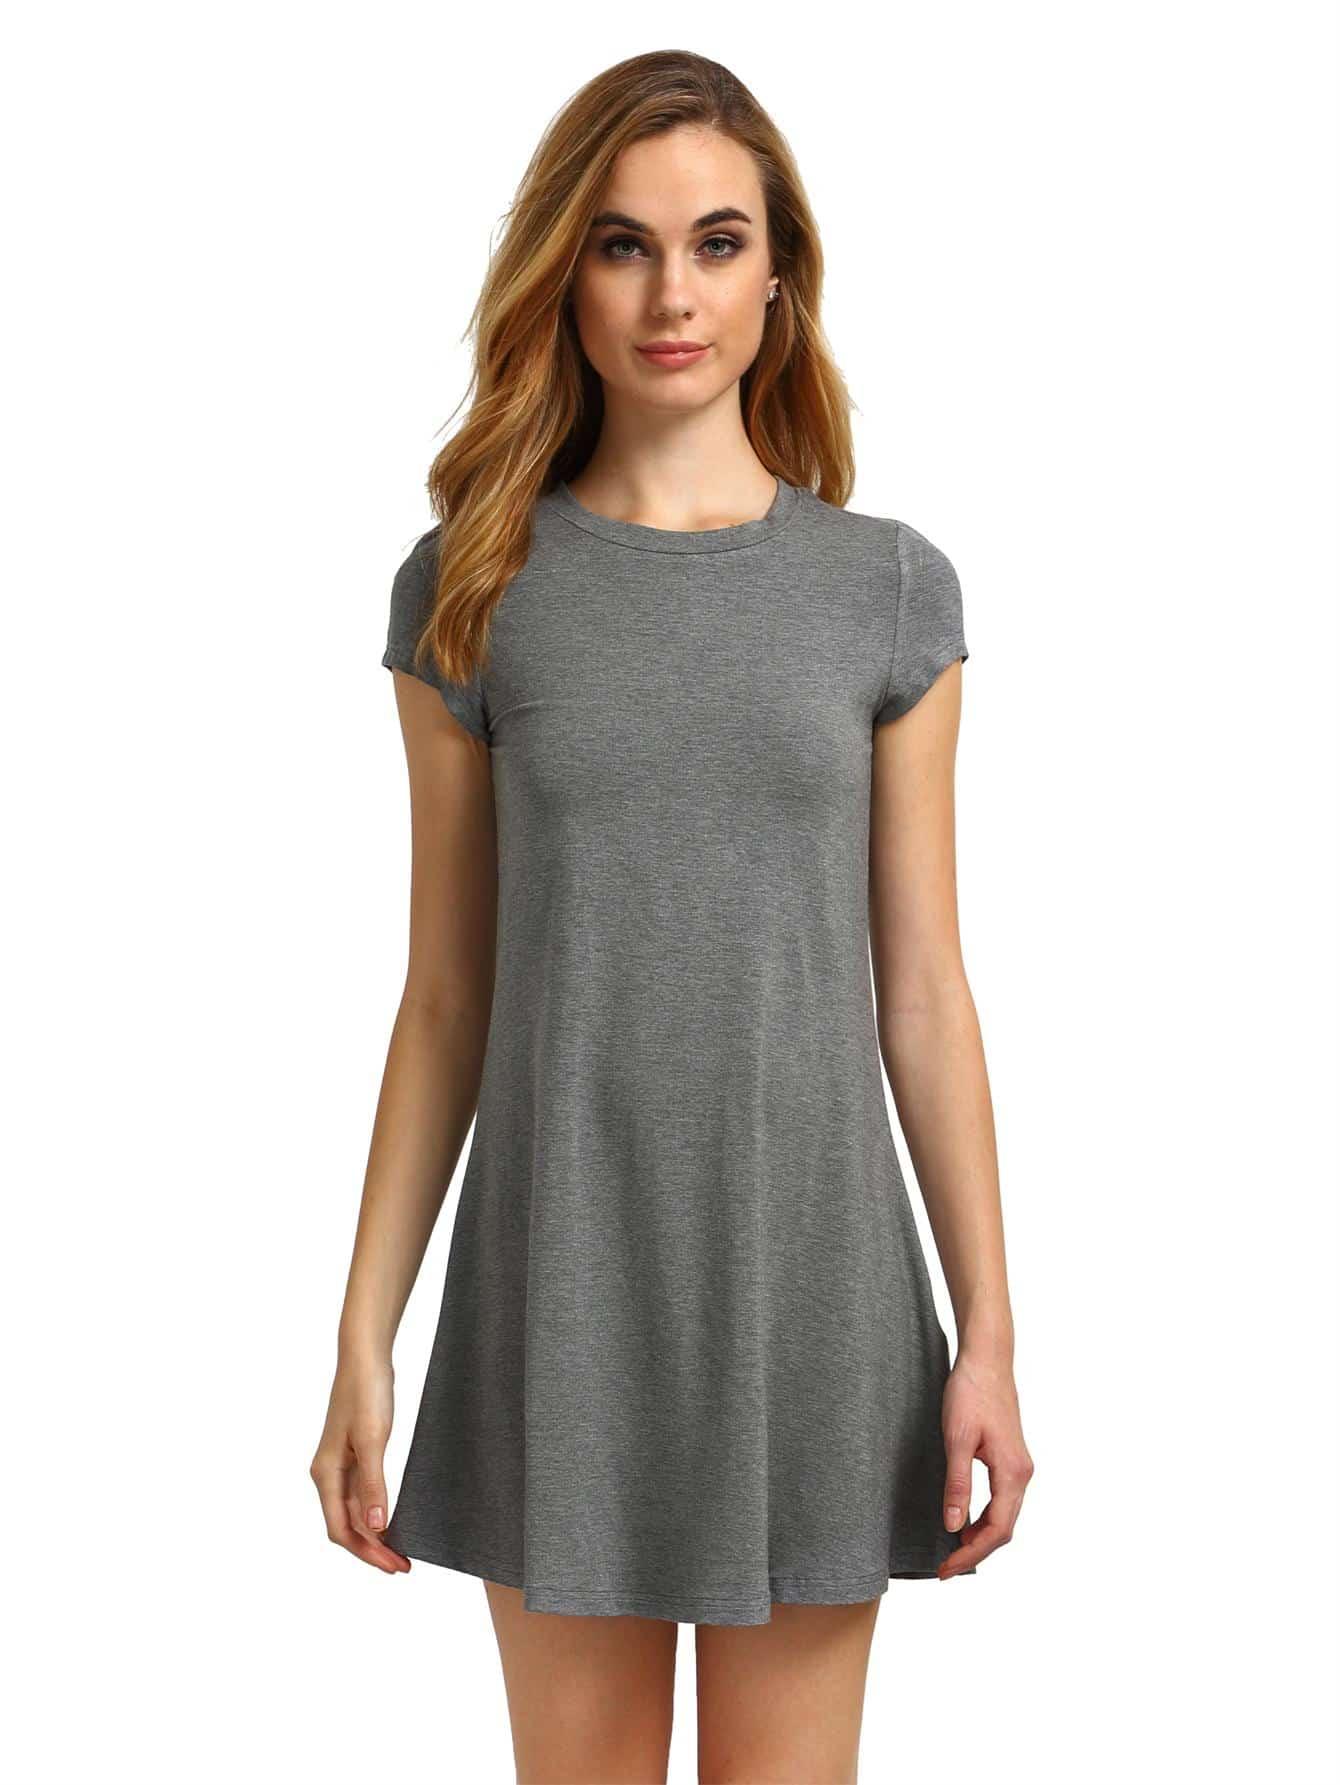 Short sleeve dress shirt fashion 14